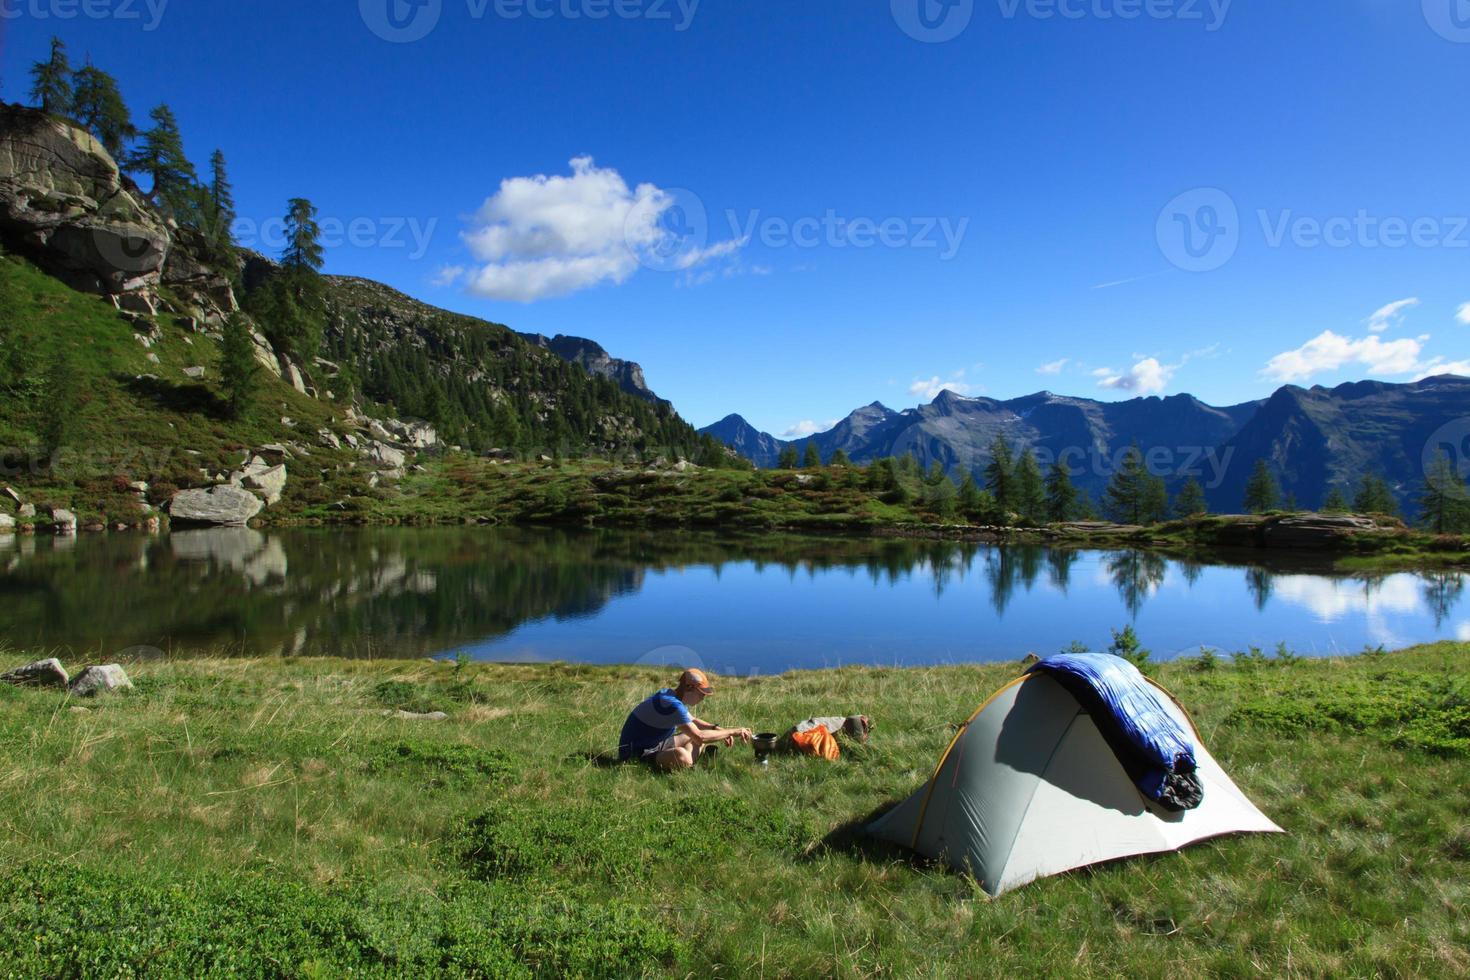 acampando en las montañas foto